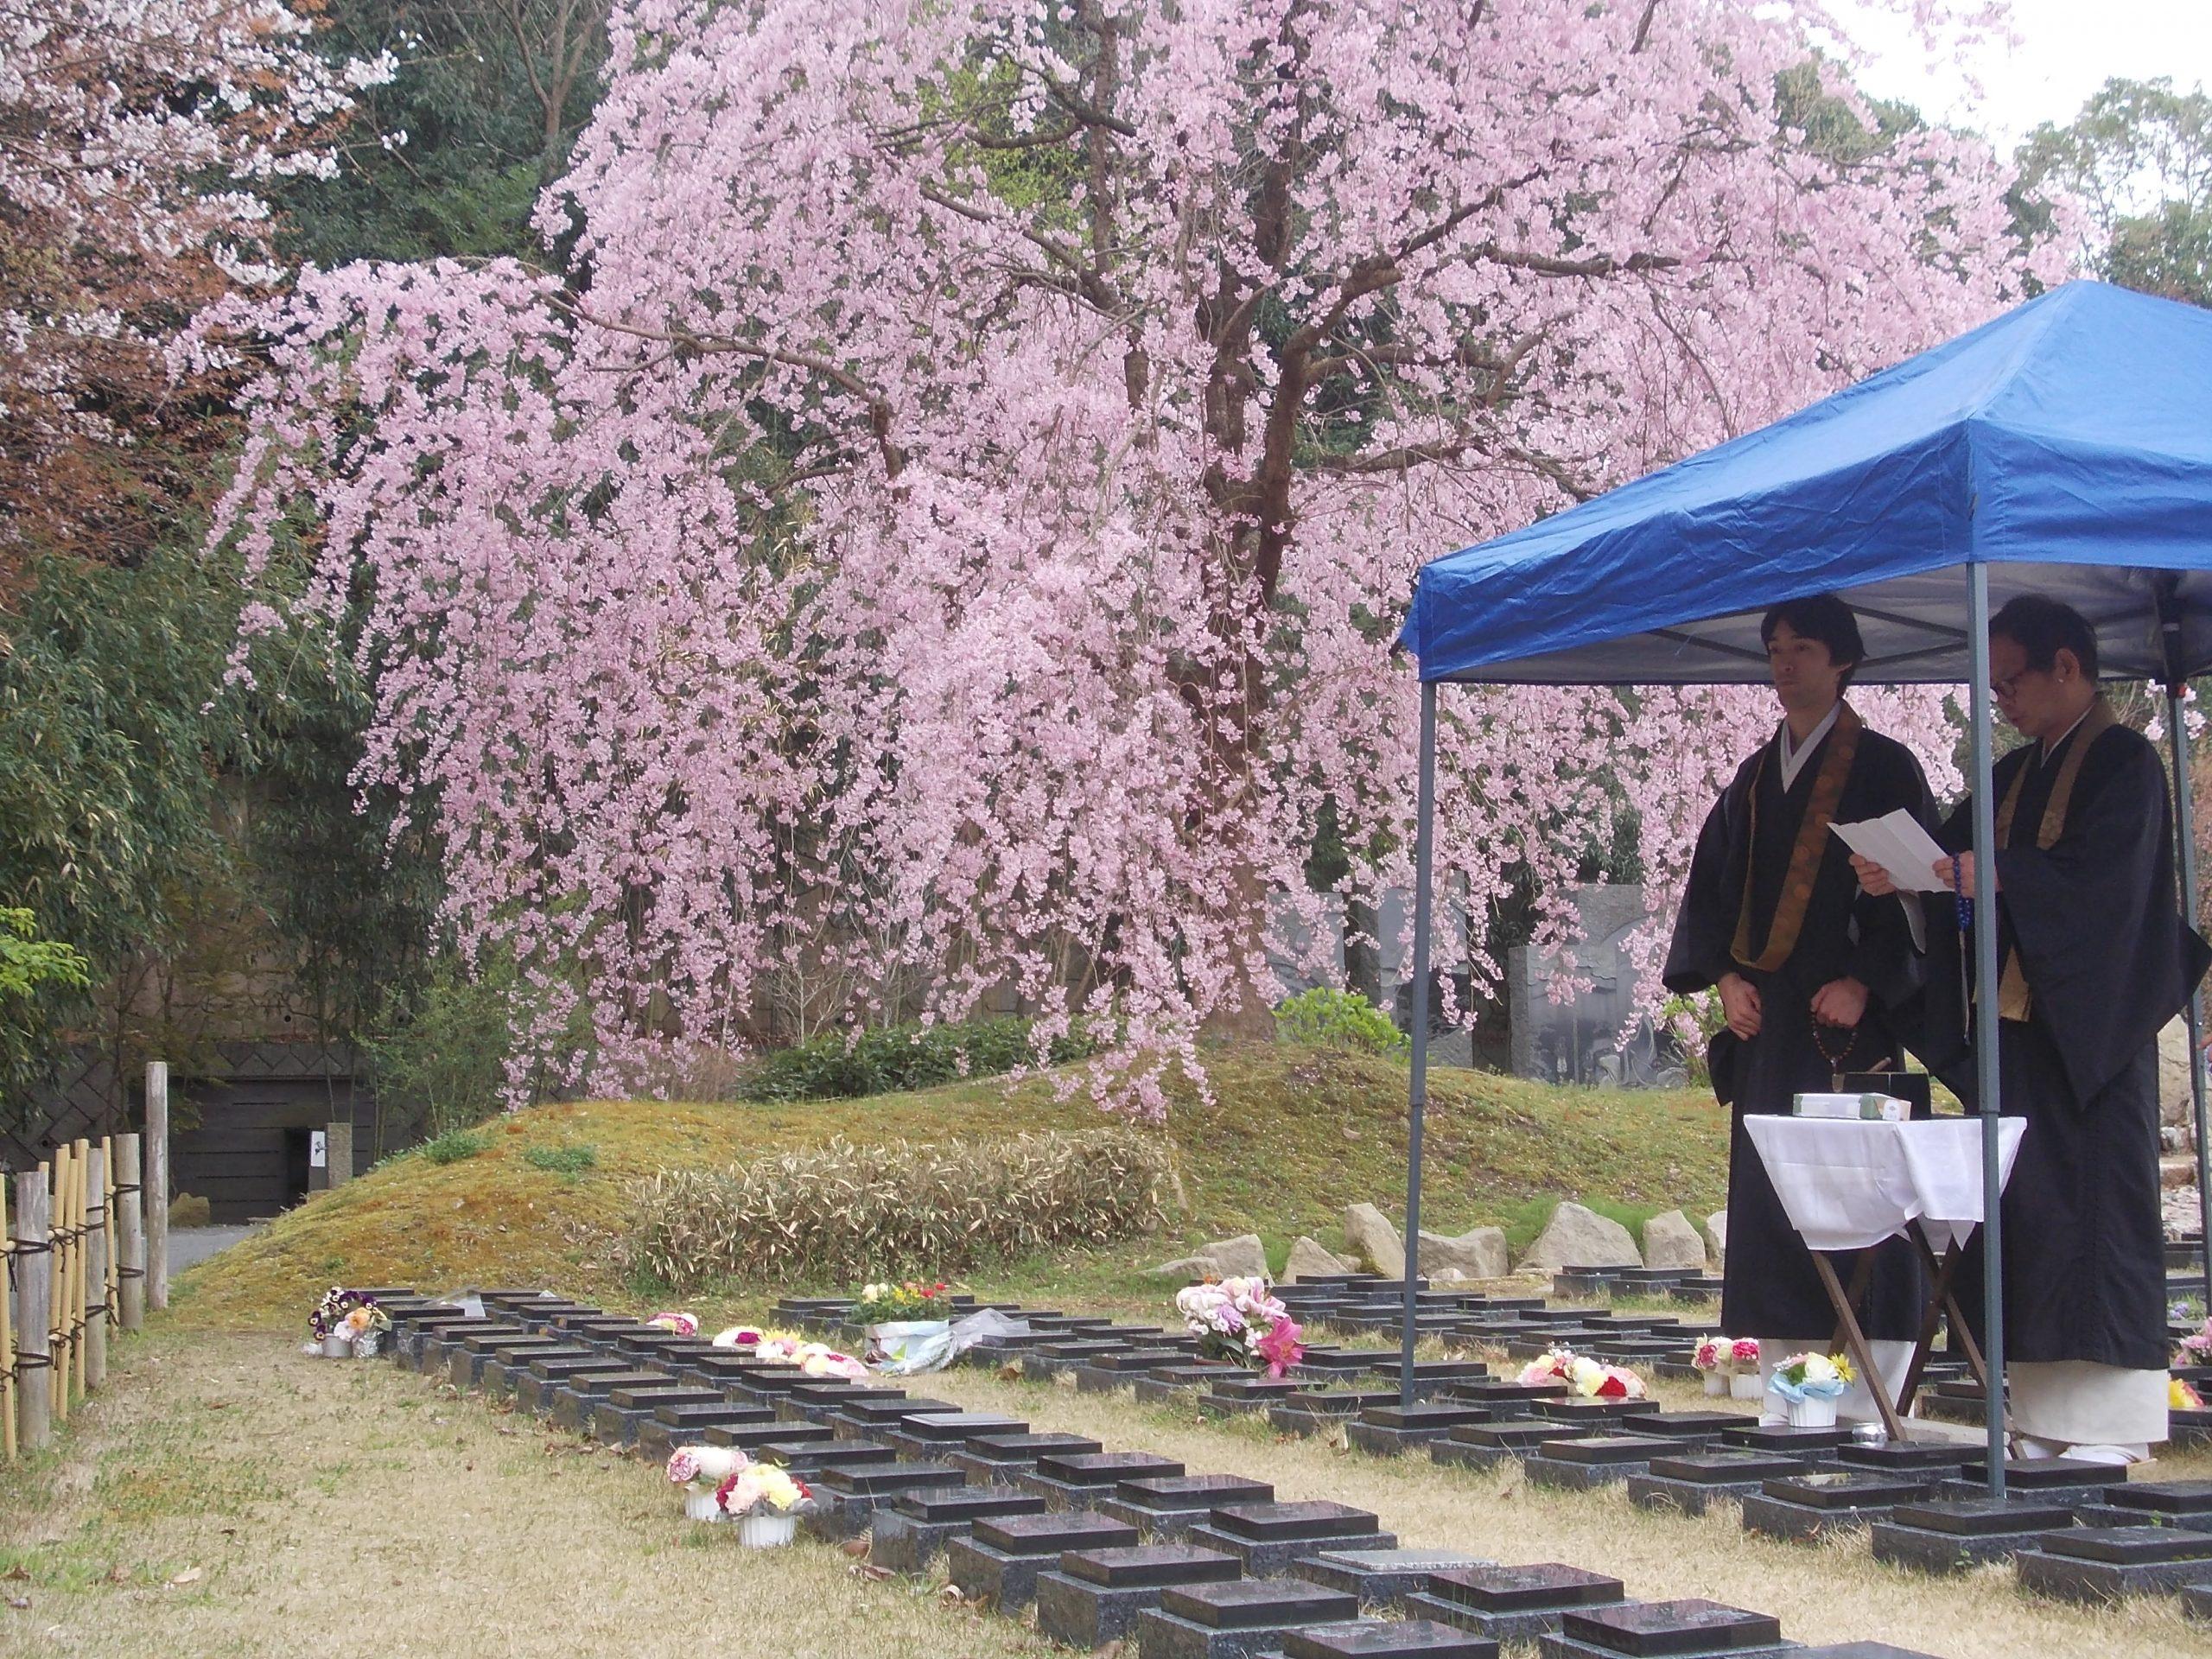 桜の木の下で納骨法要